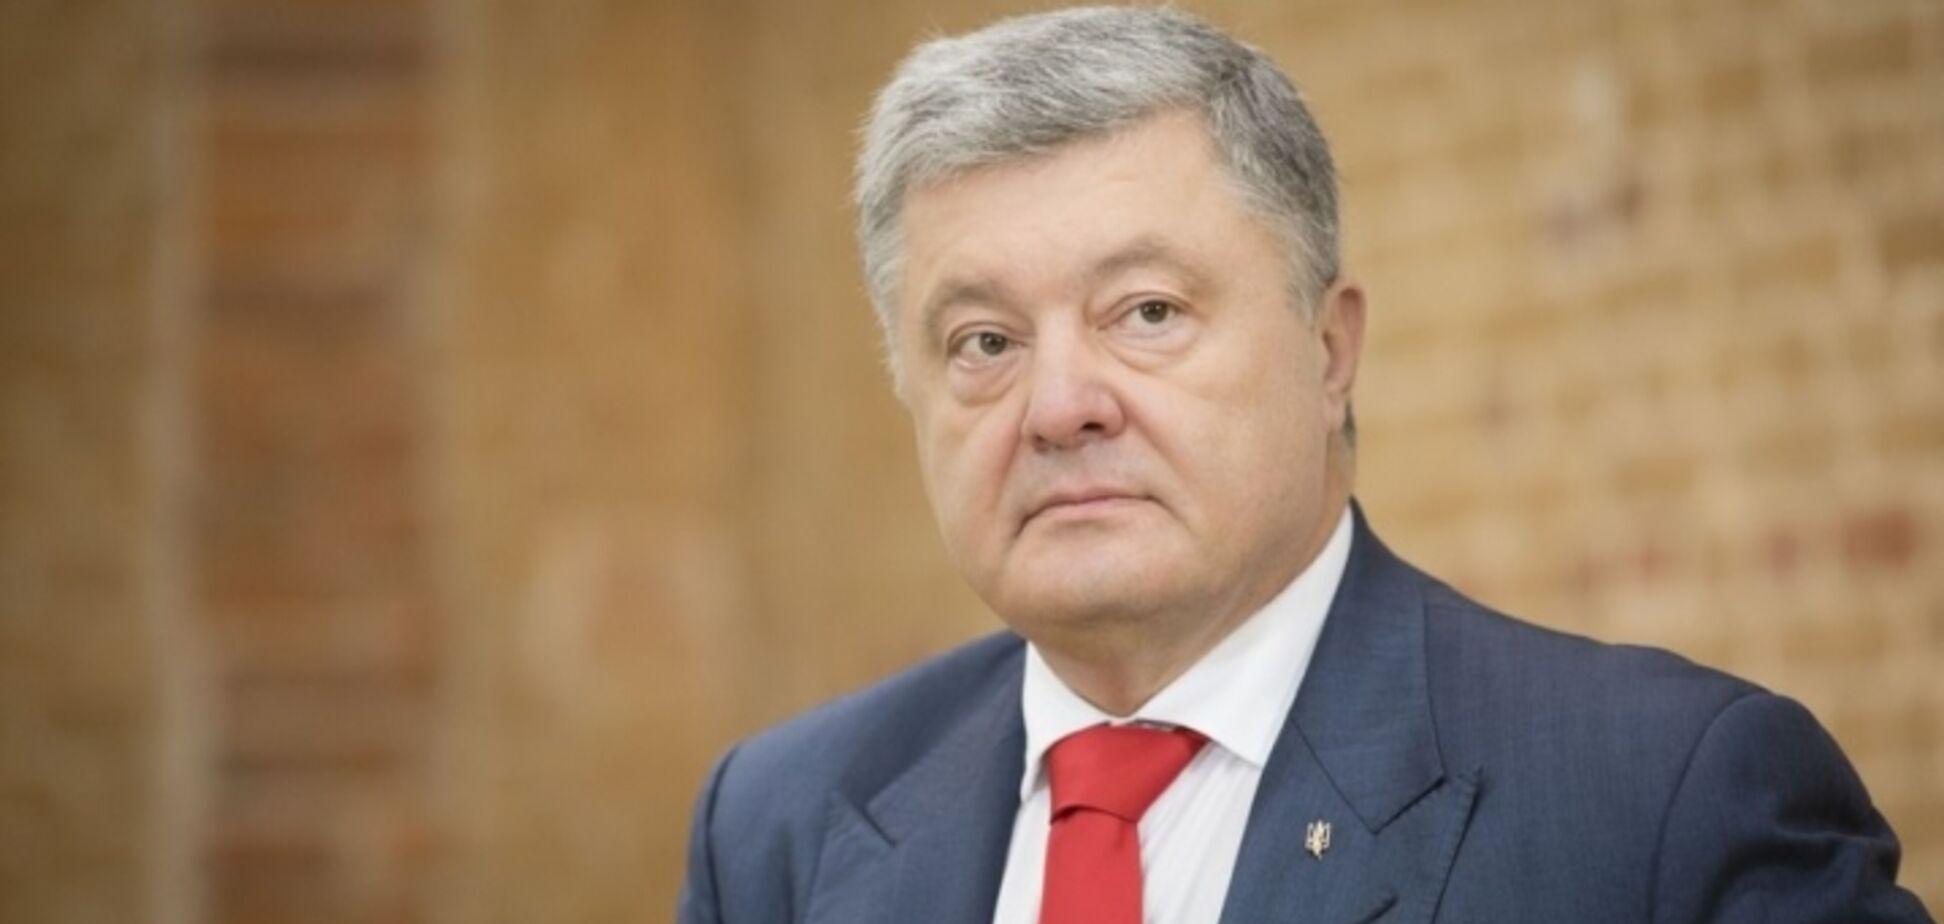 На Львовщине выступление Порошенко срывали дымовыми шашками: провокация попала на видео